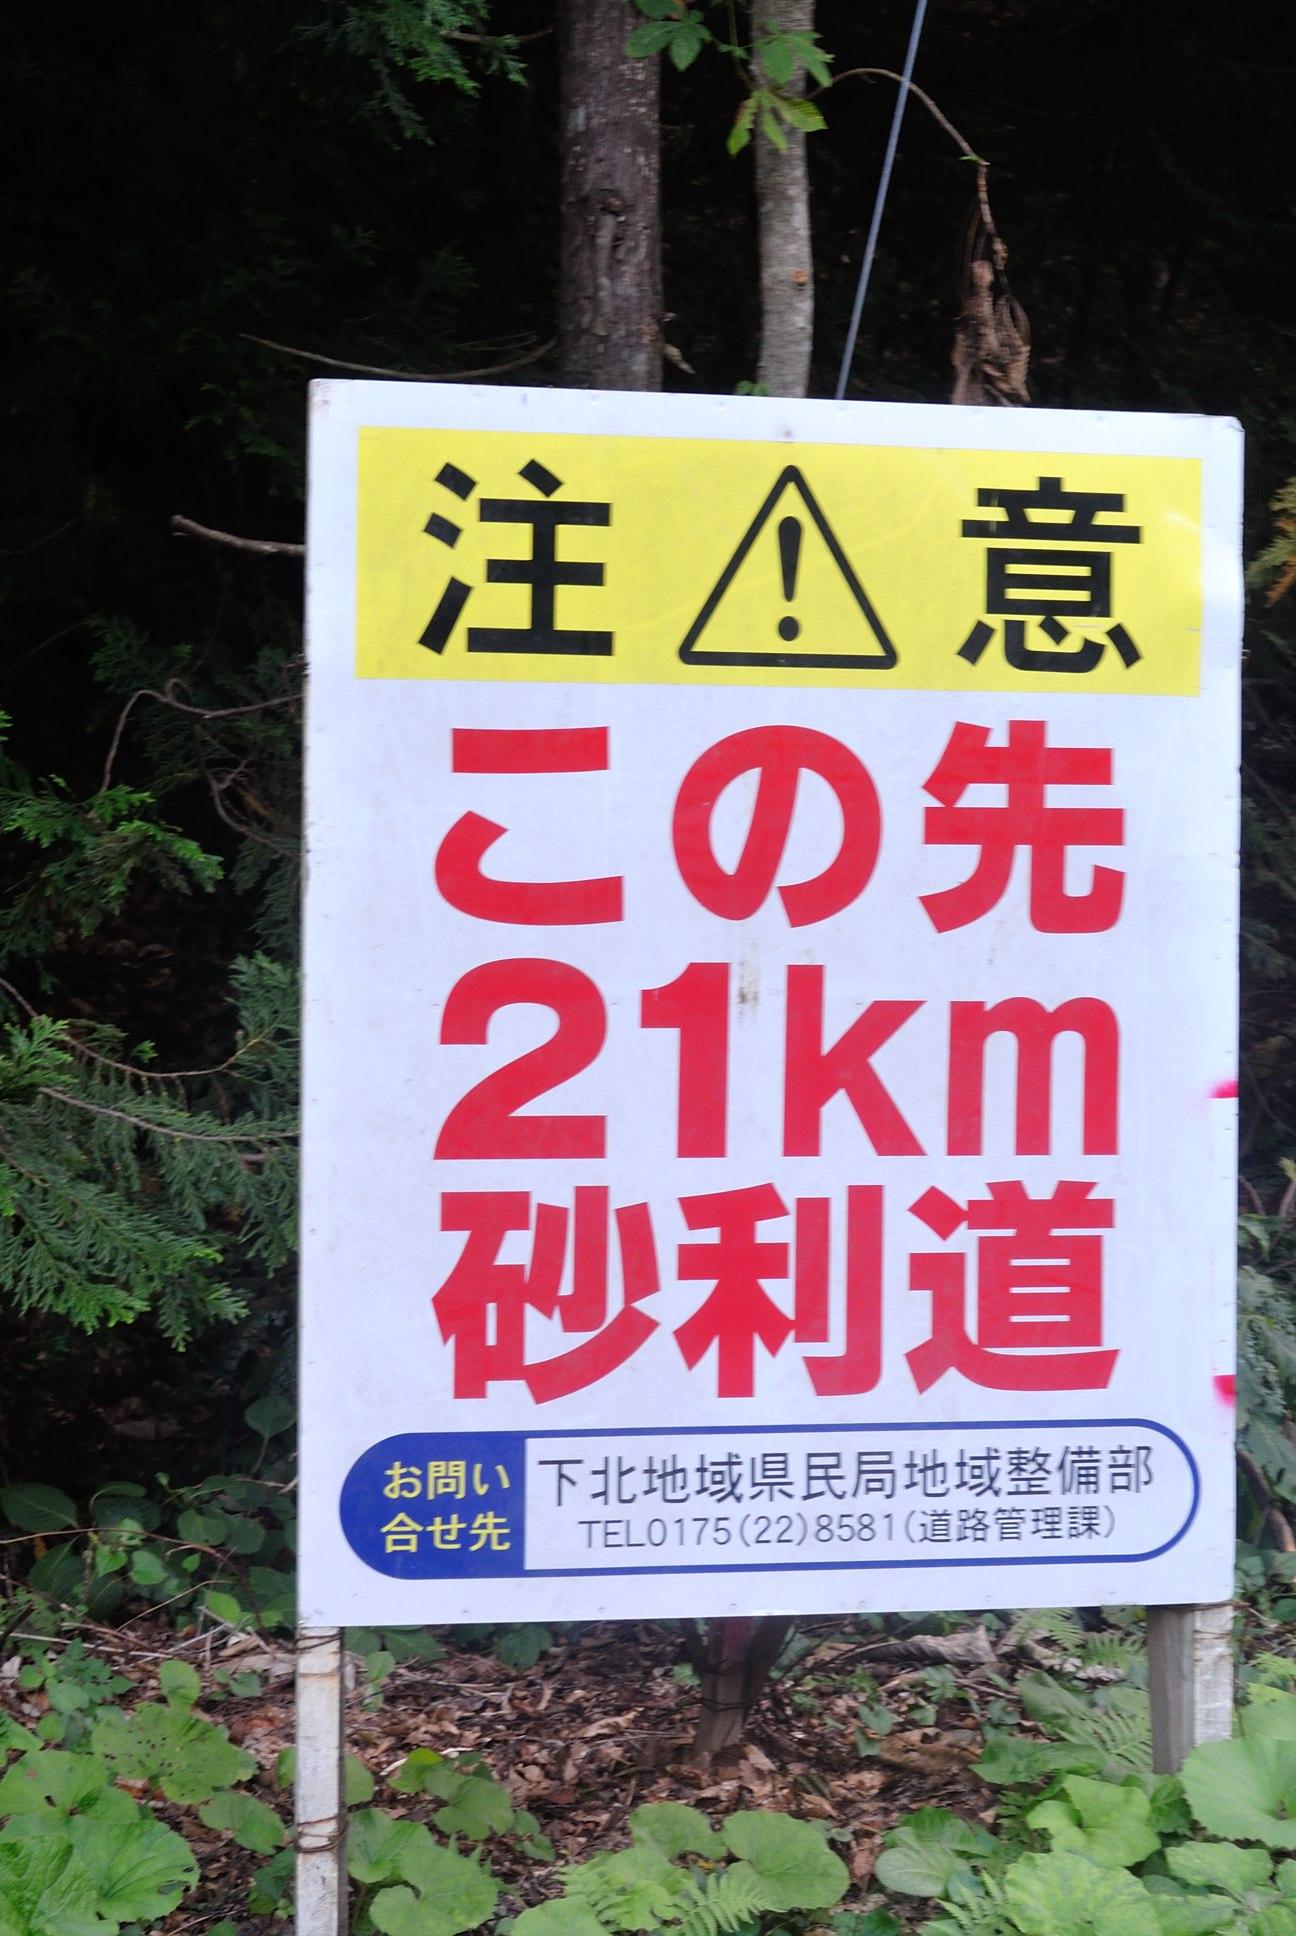 ダート21km